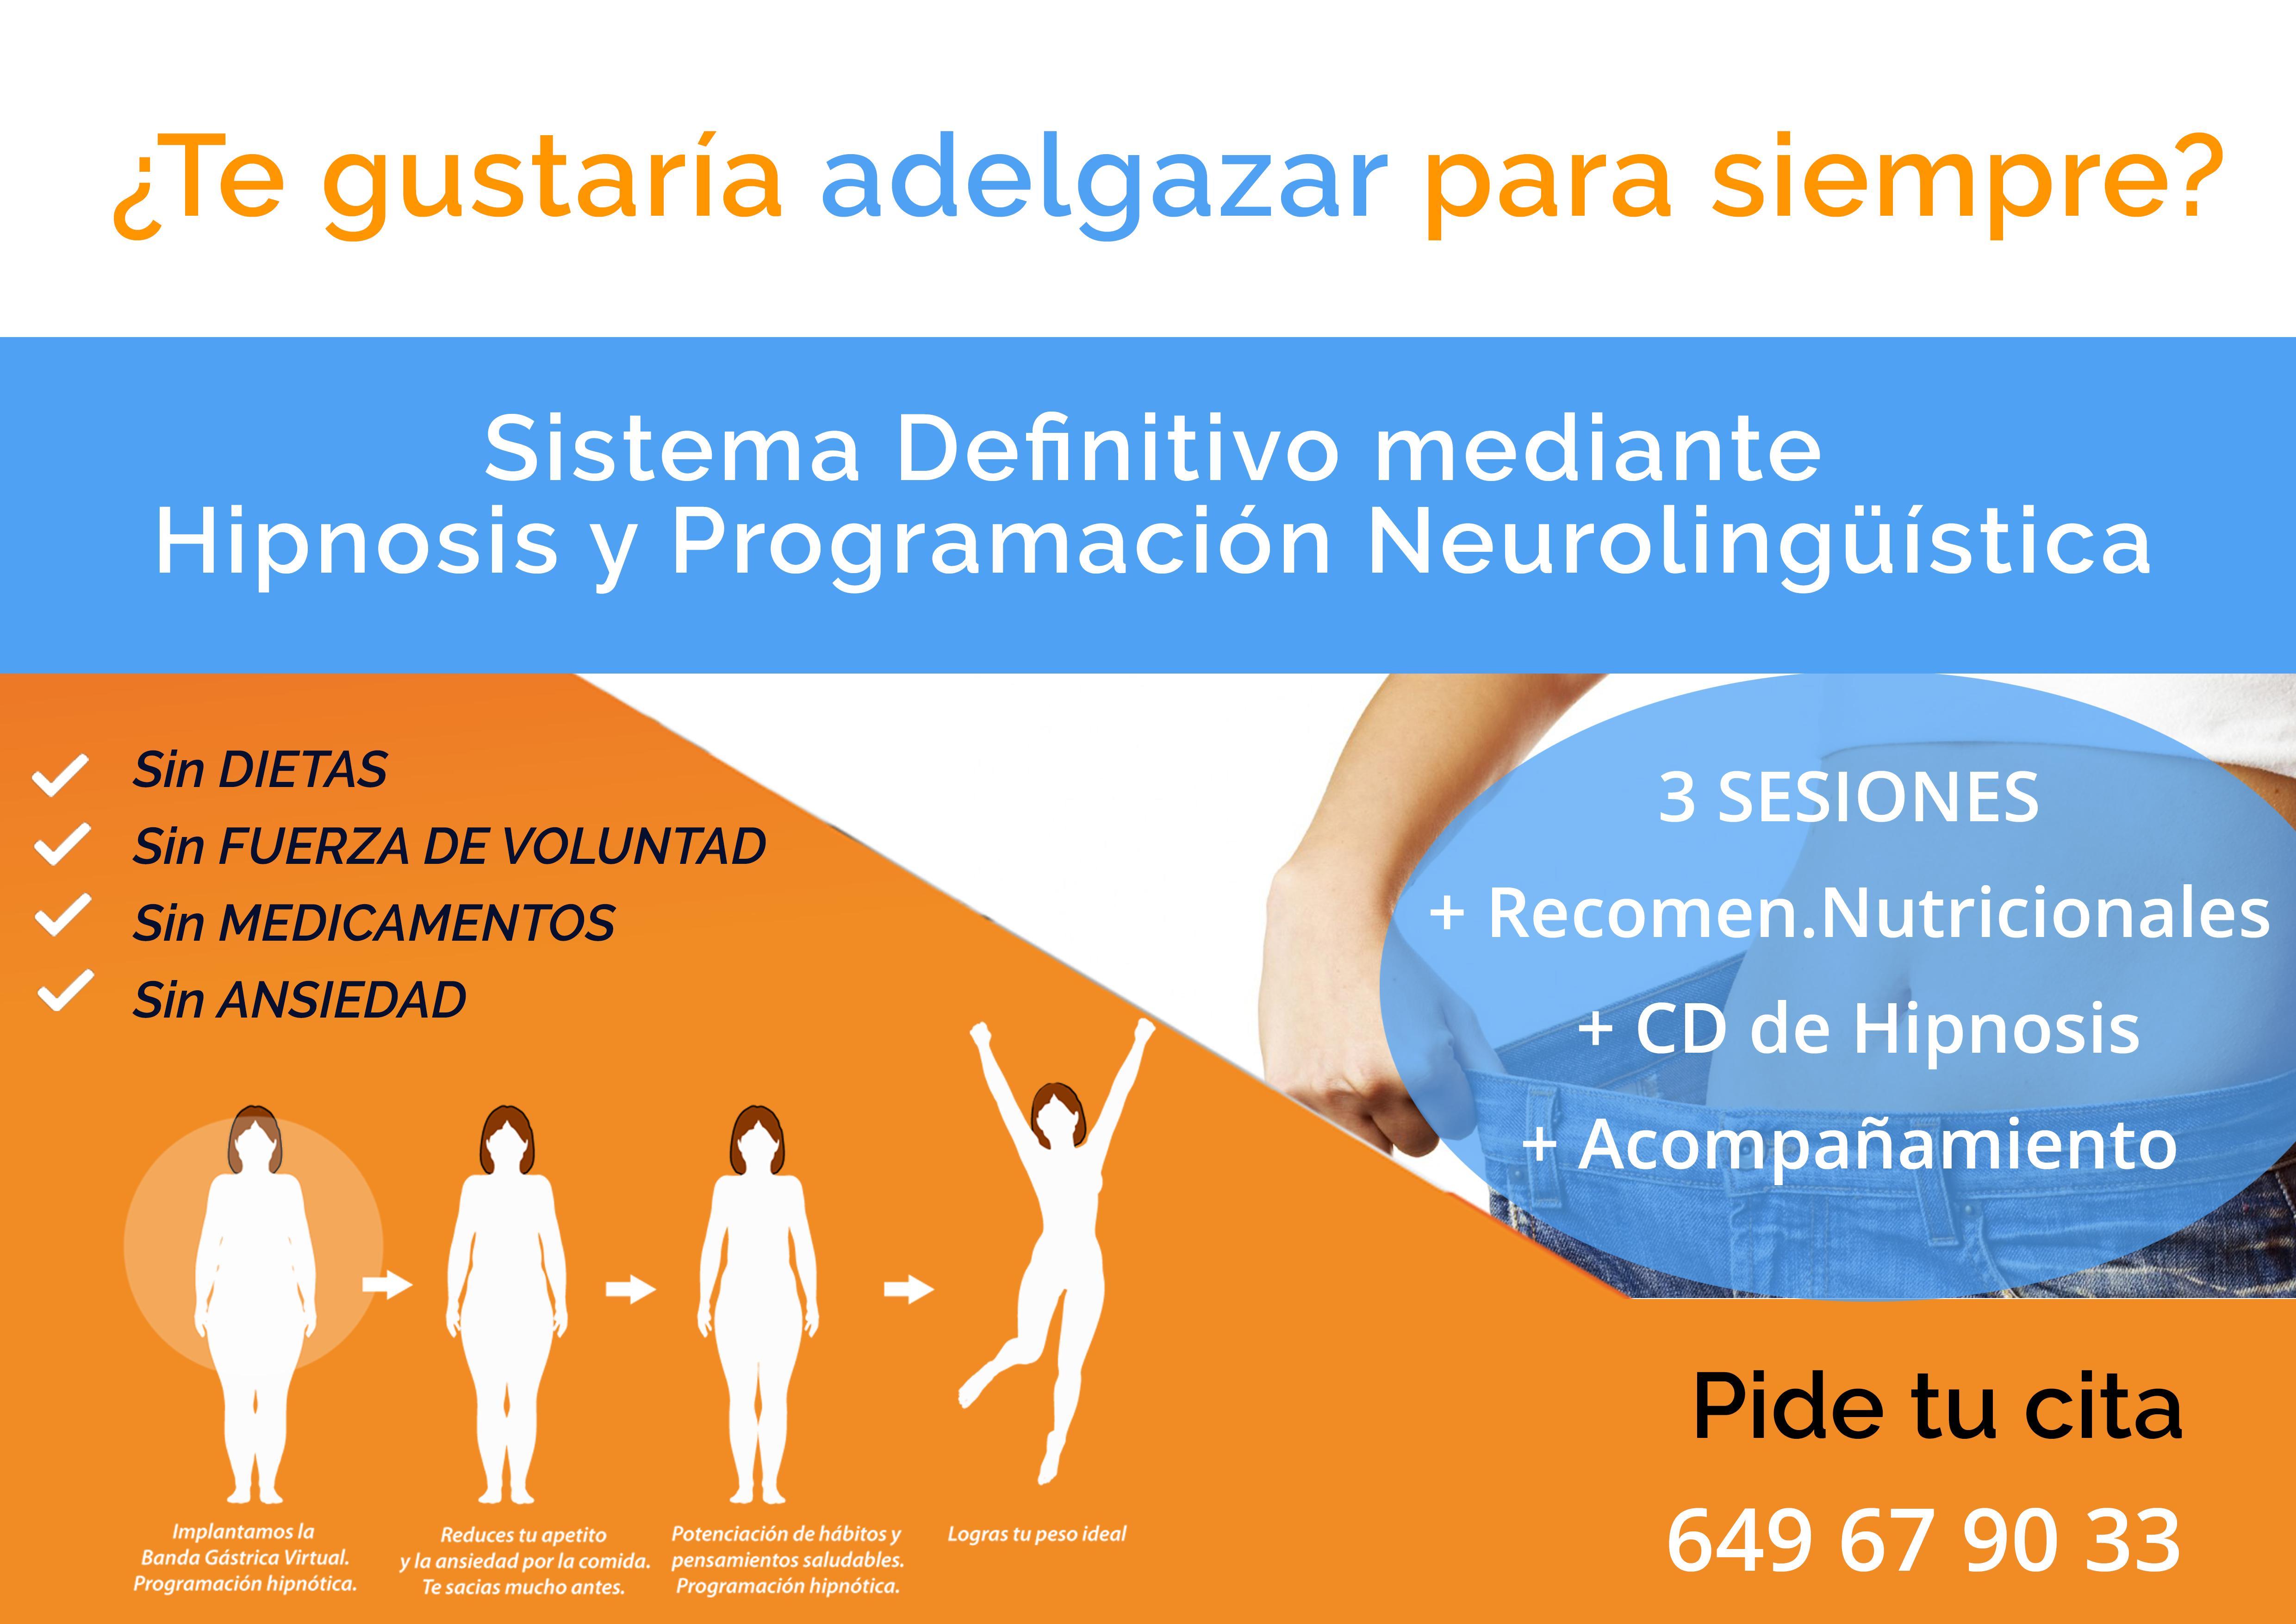 Adelgazar con Hipnosis en Madrid